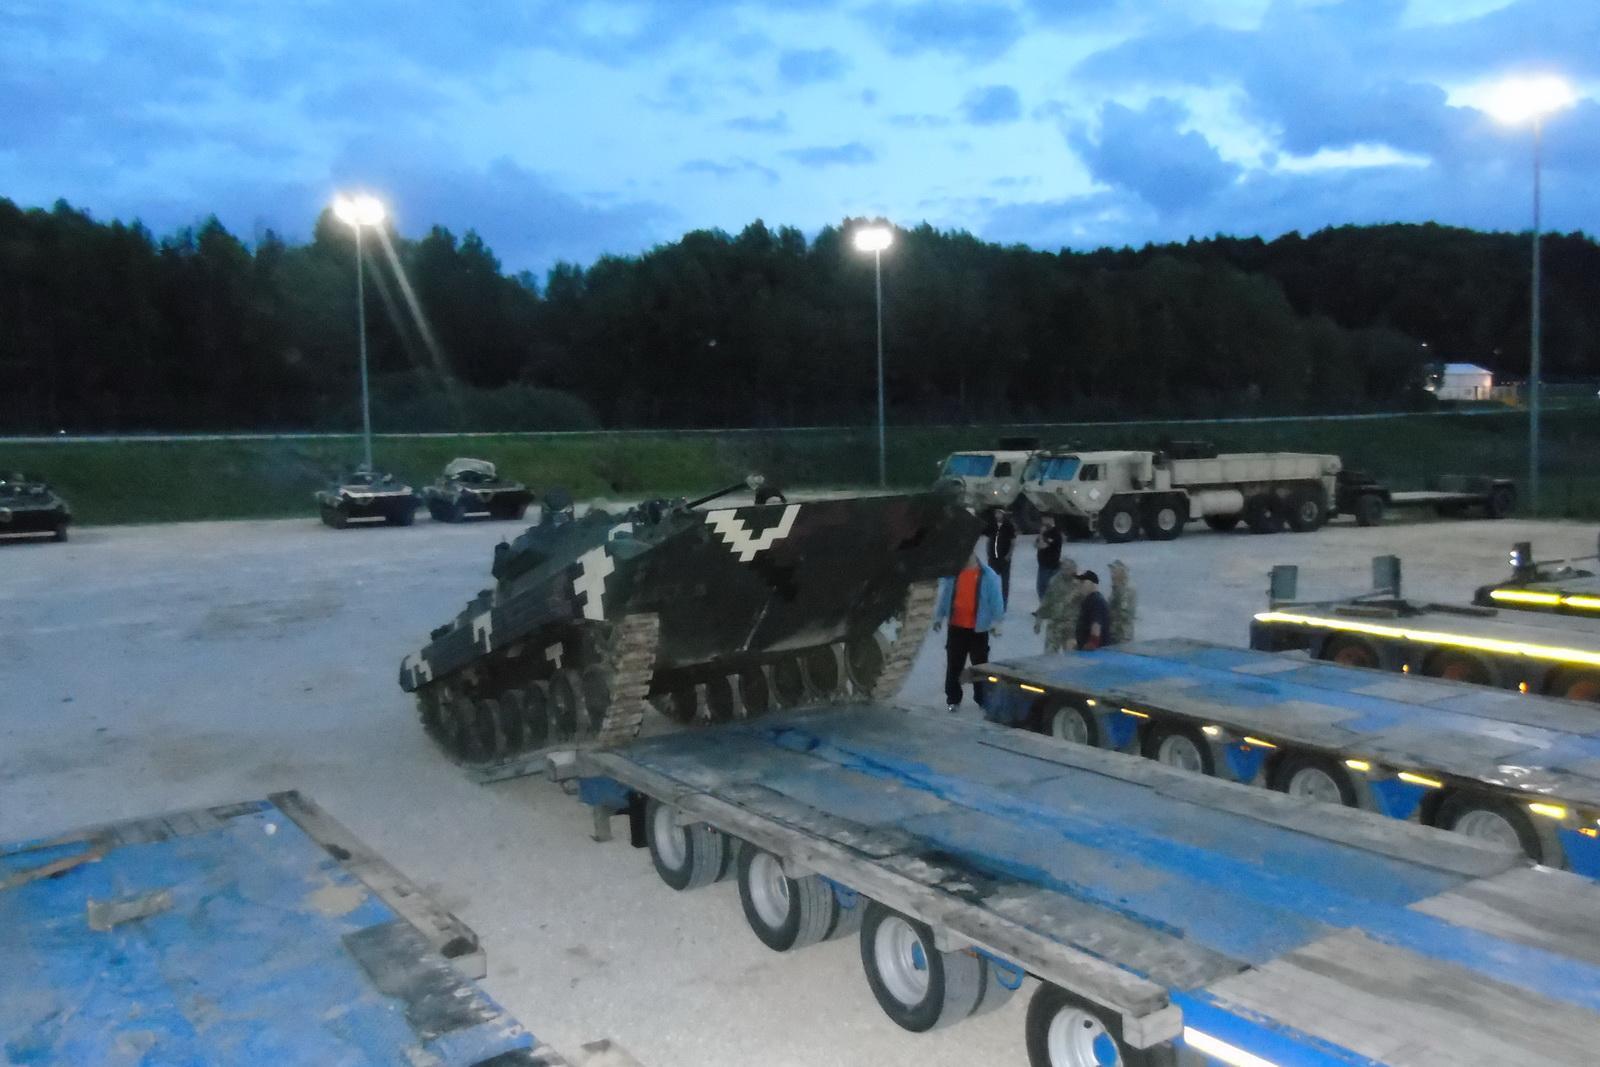 Сводное подразделение Вооруженных сил Украины готовится к учениям в Германии